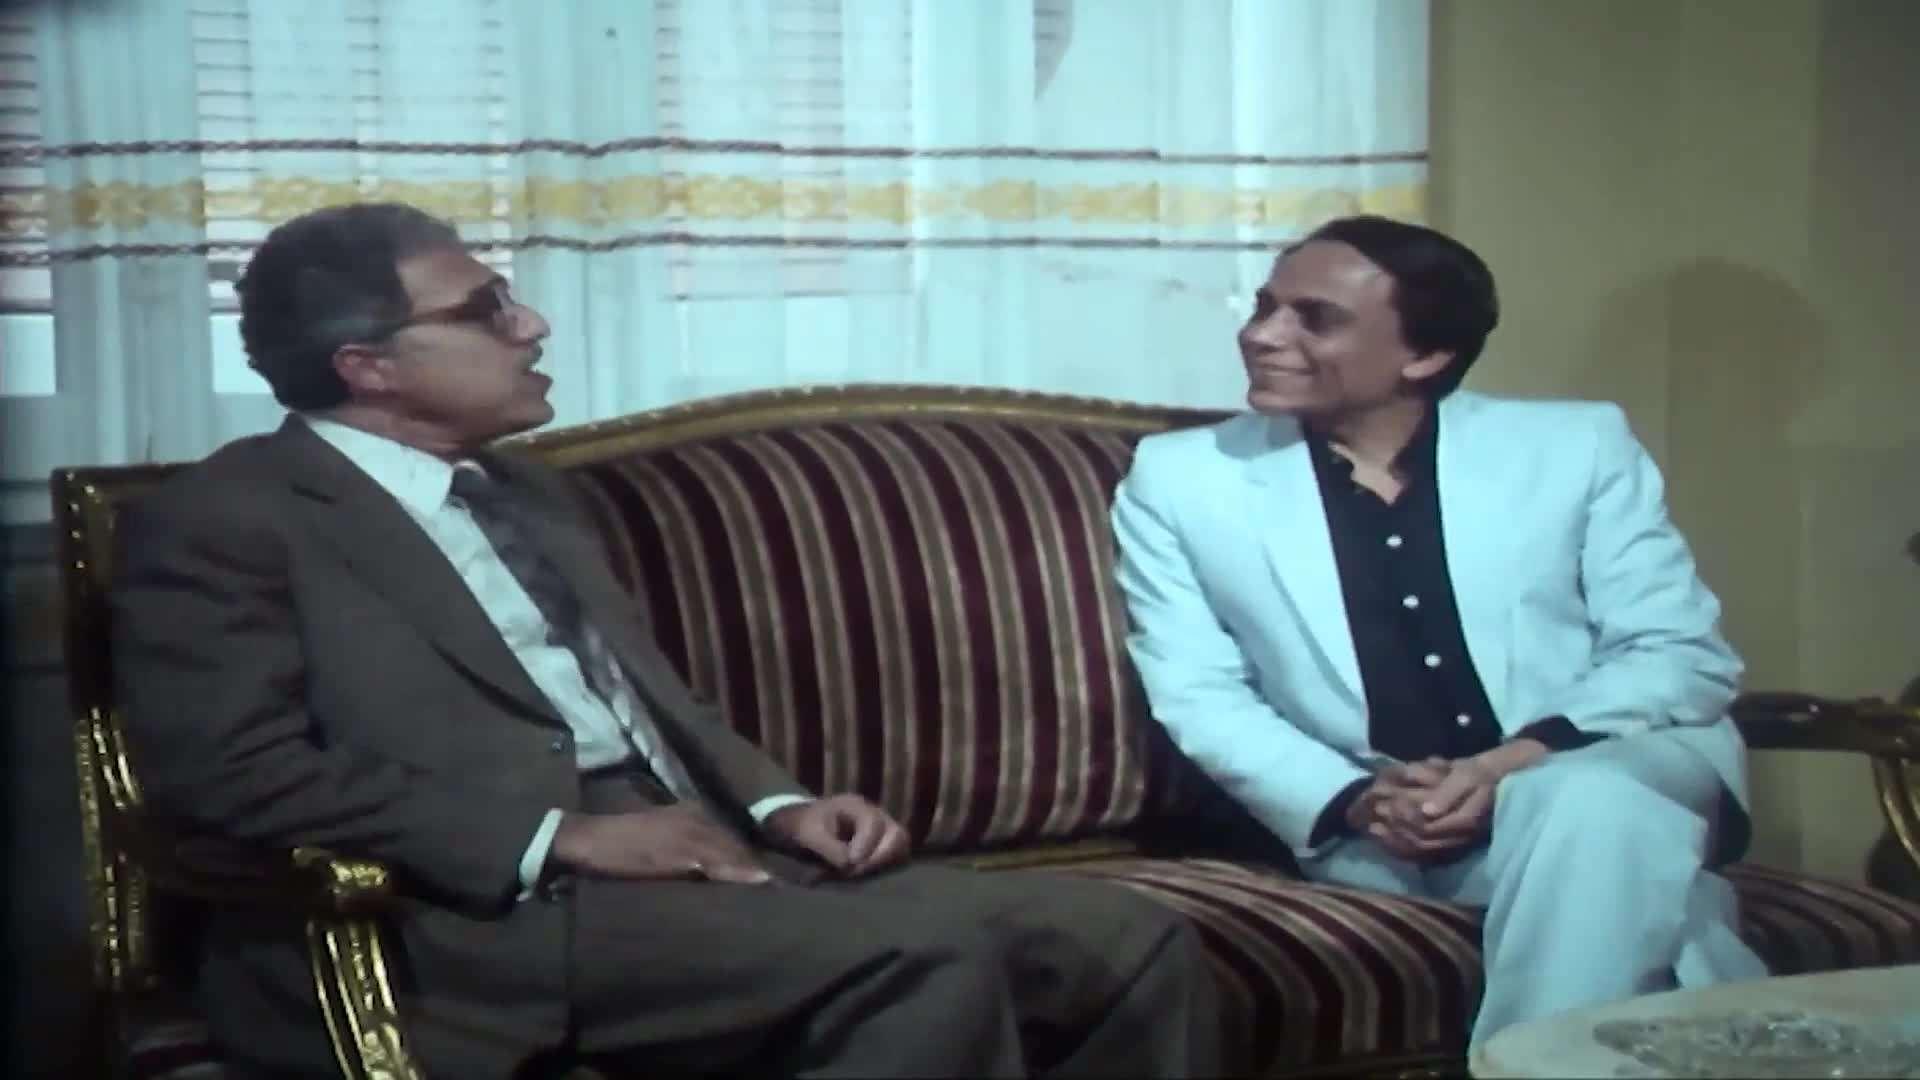 [فيلم][تورنت][تحميل][عصابة حمادة وتوتو][1982][1080p][Web-DL] 6 arabp2p.com